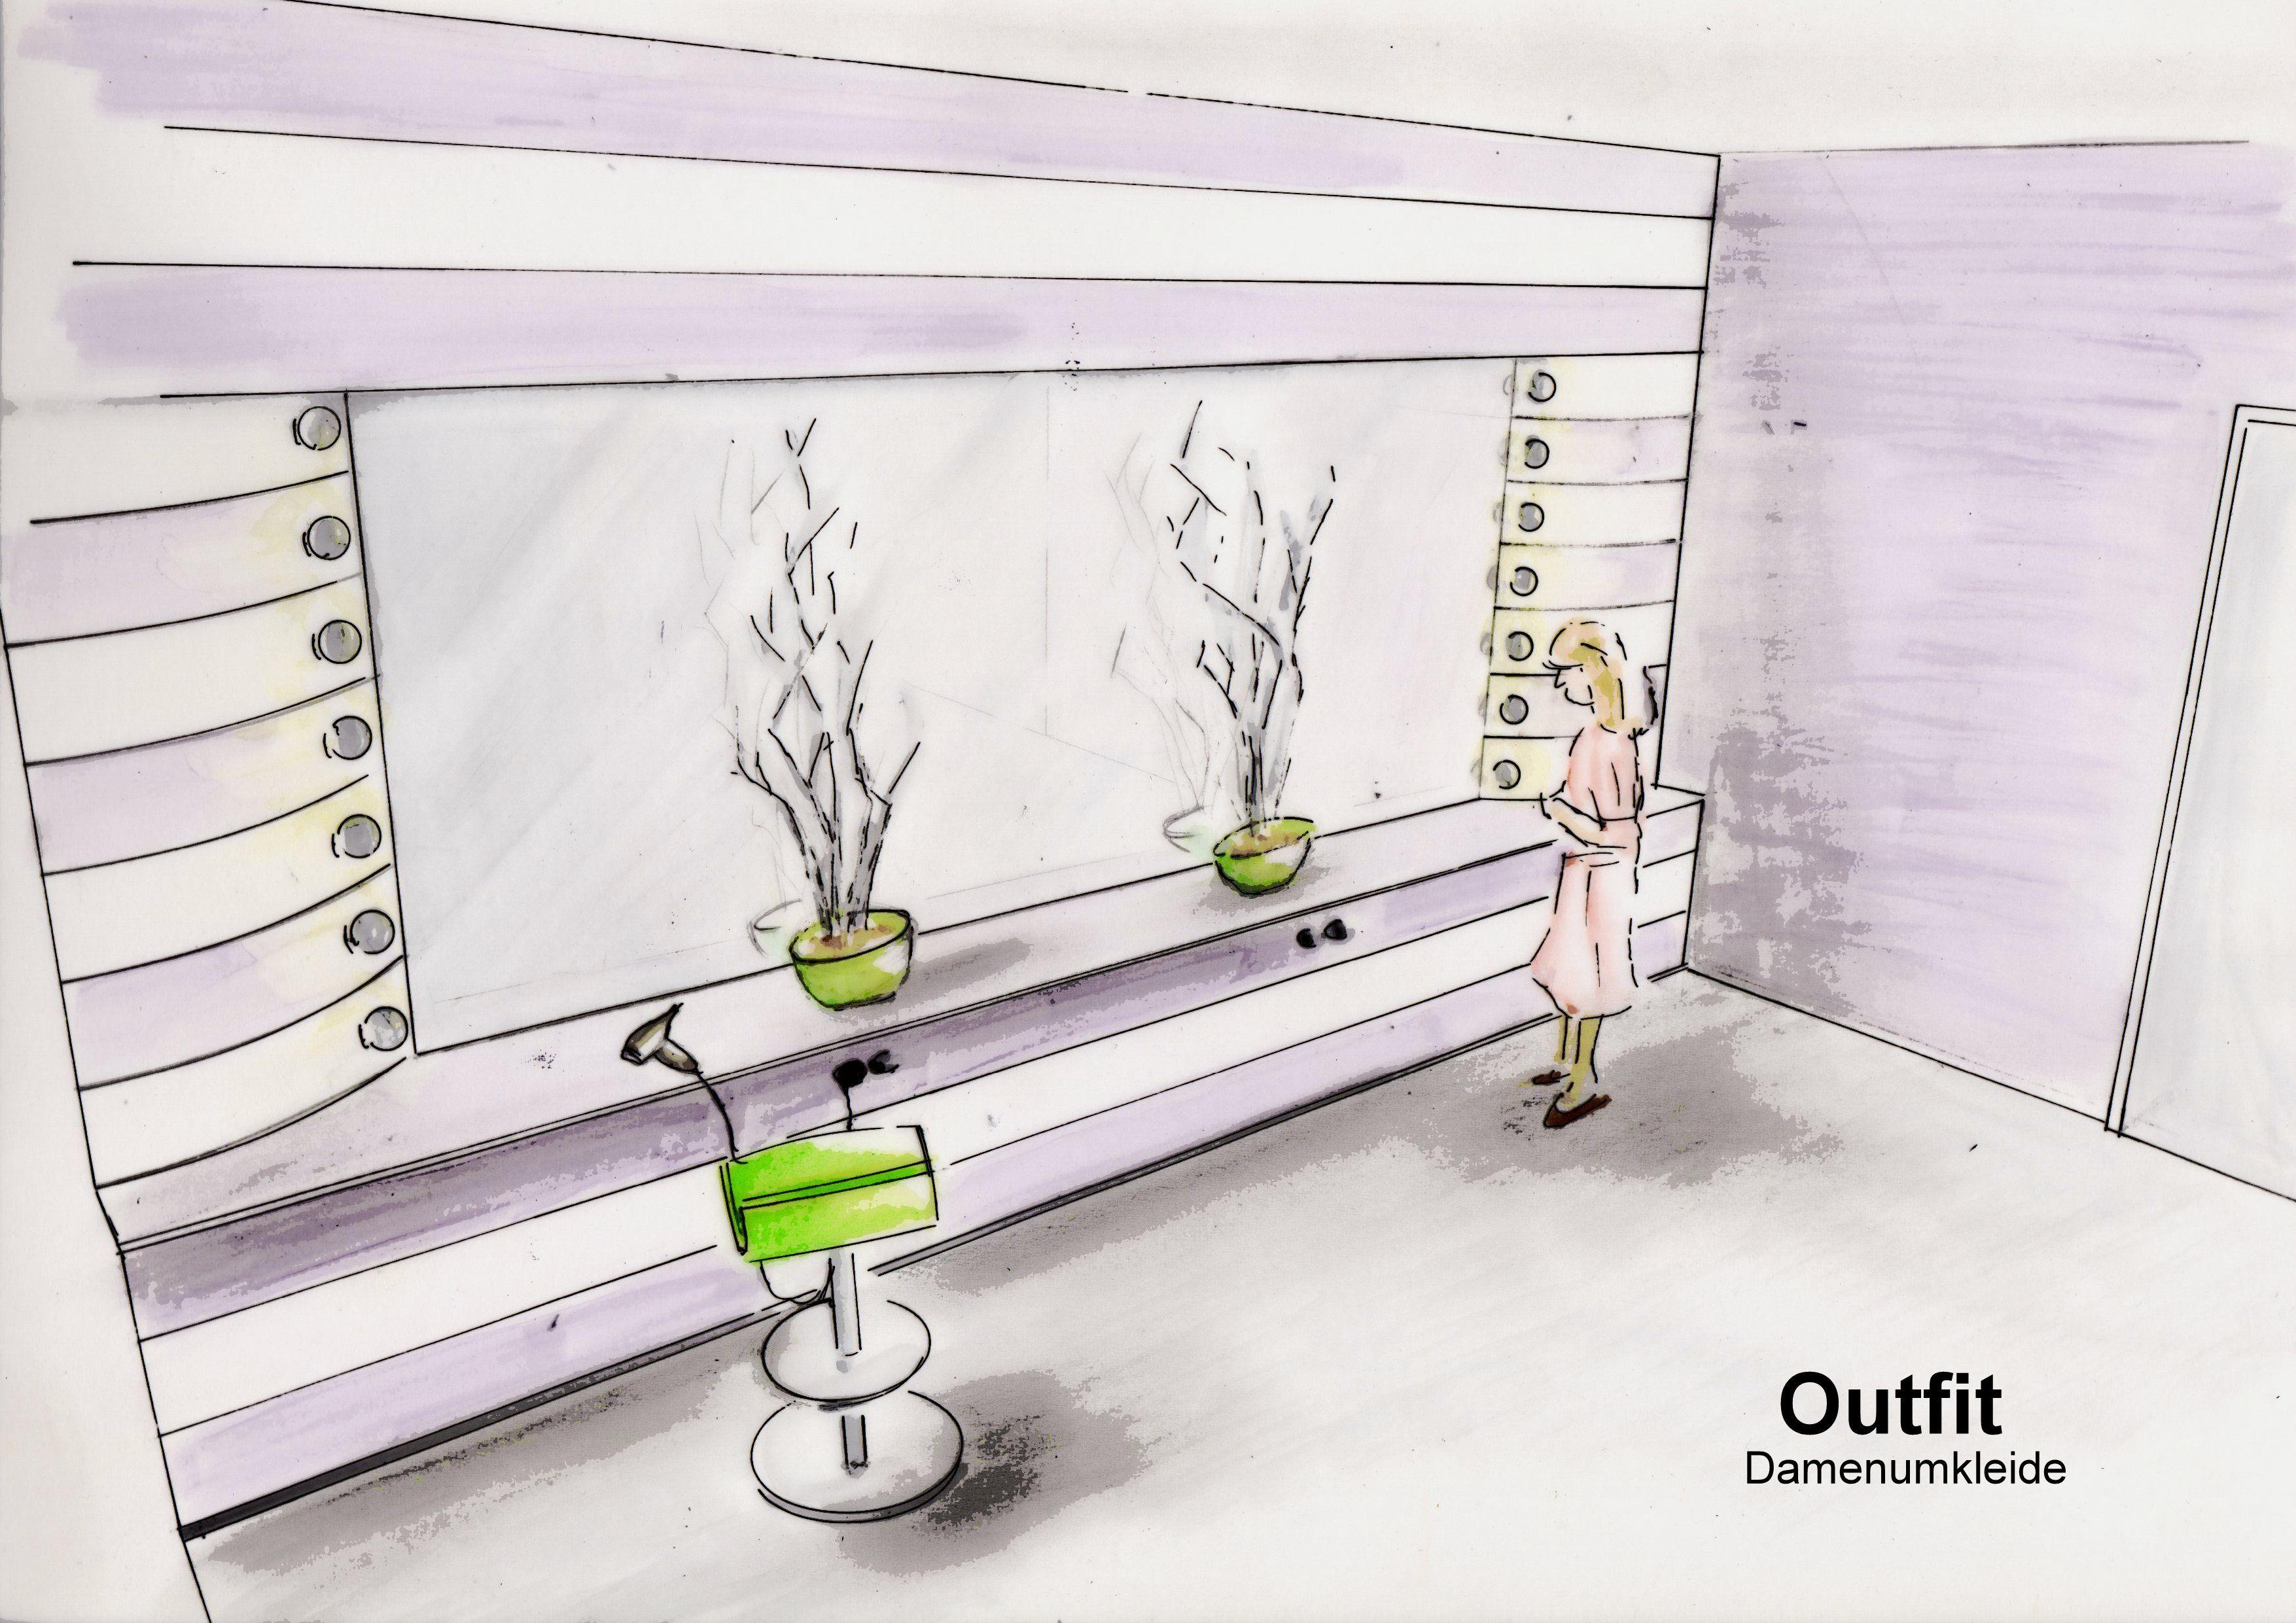 entwurf spiegelwand umkleide sportcenter | zeichnungen, skizzen und